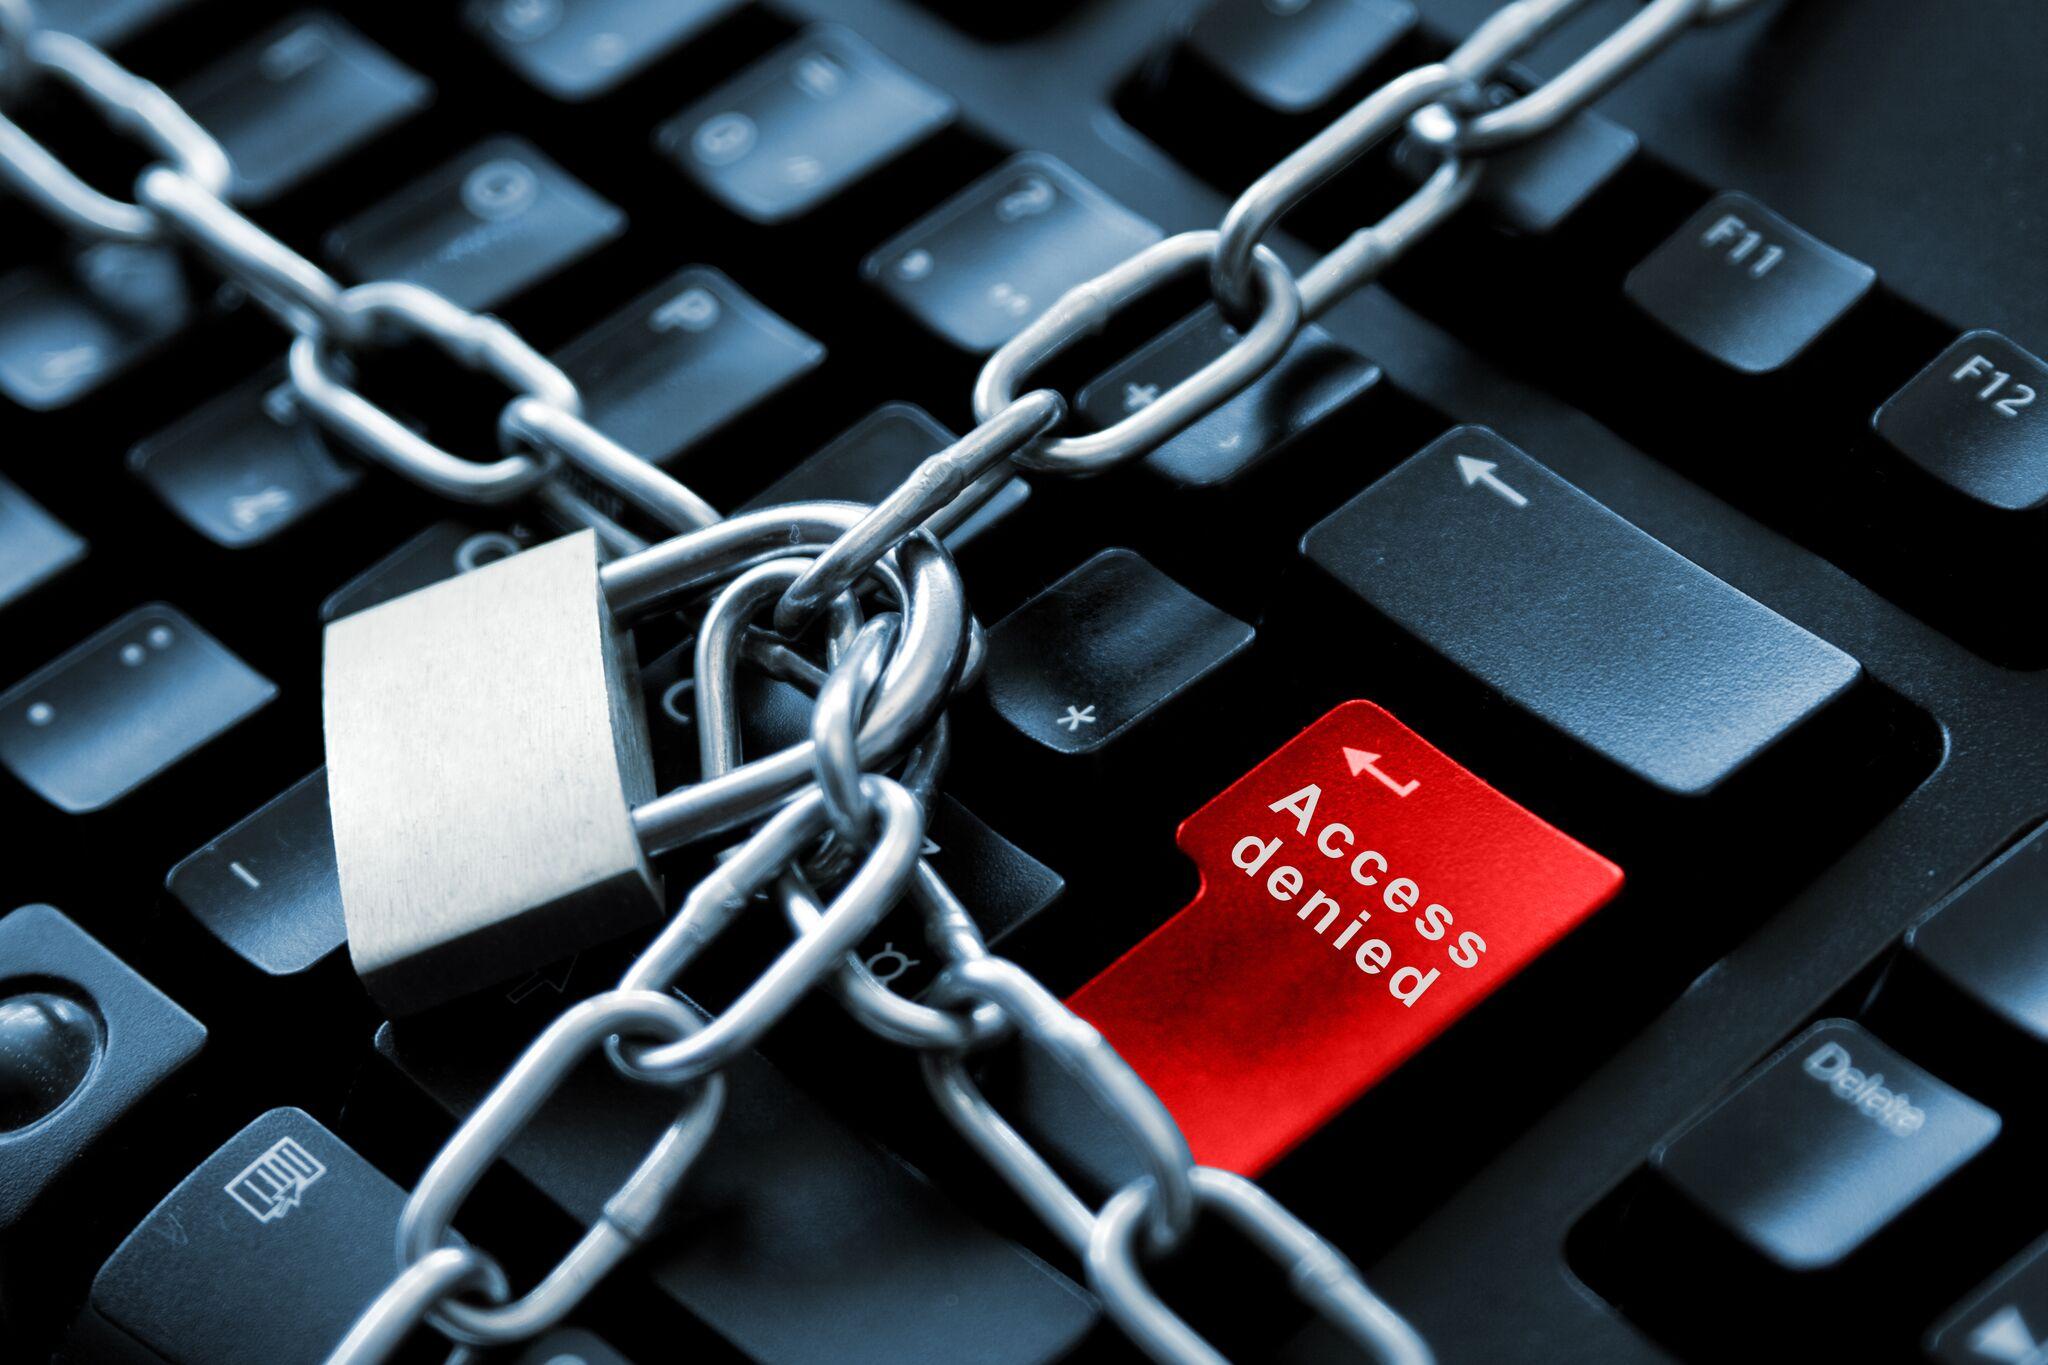 Профильный комитет ВРУ одобрил законопроект, позволяющий блокировать сайты на 48 часов без решения суда